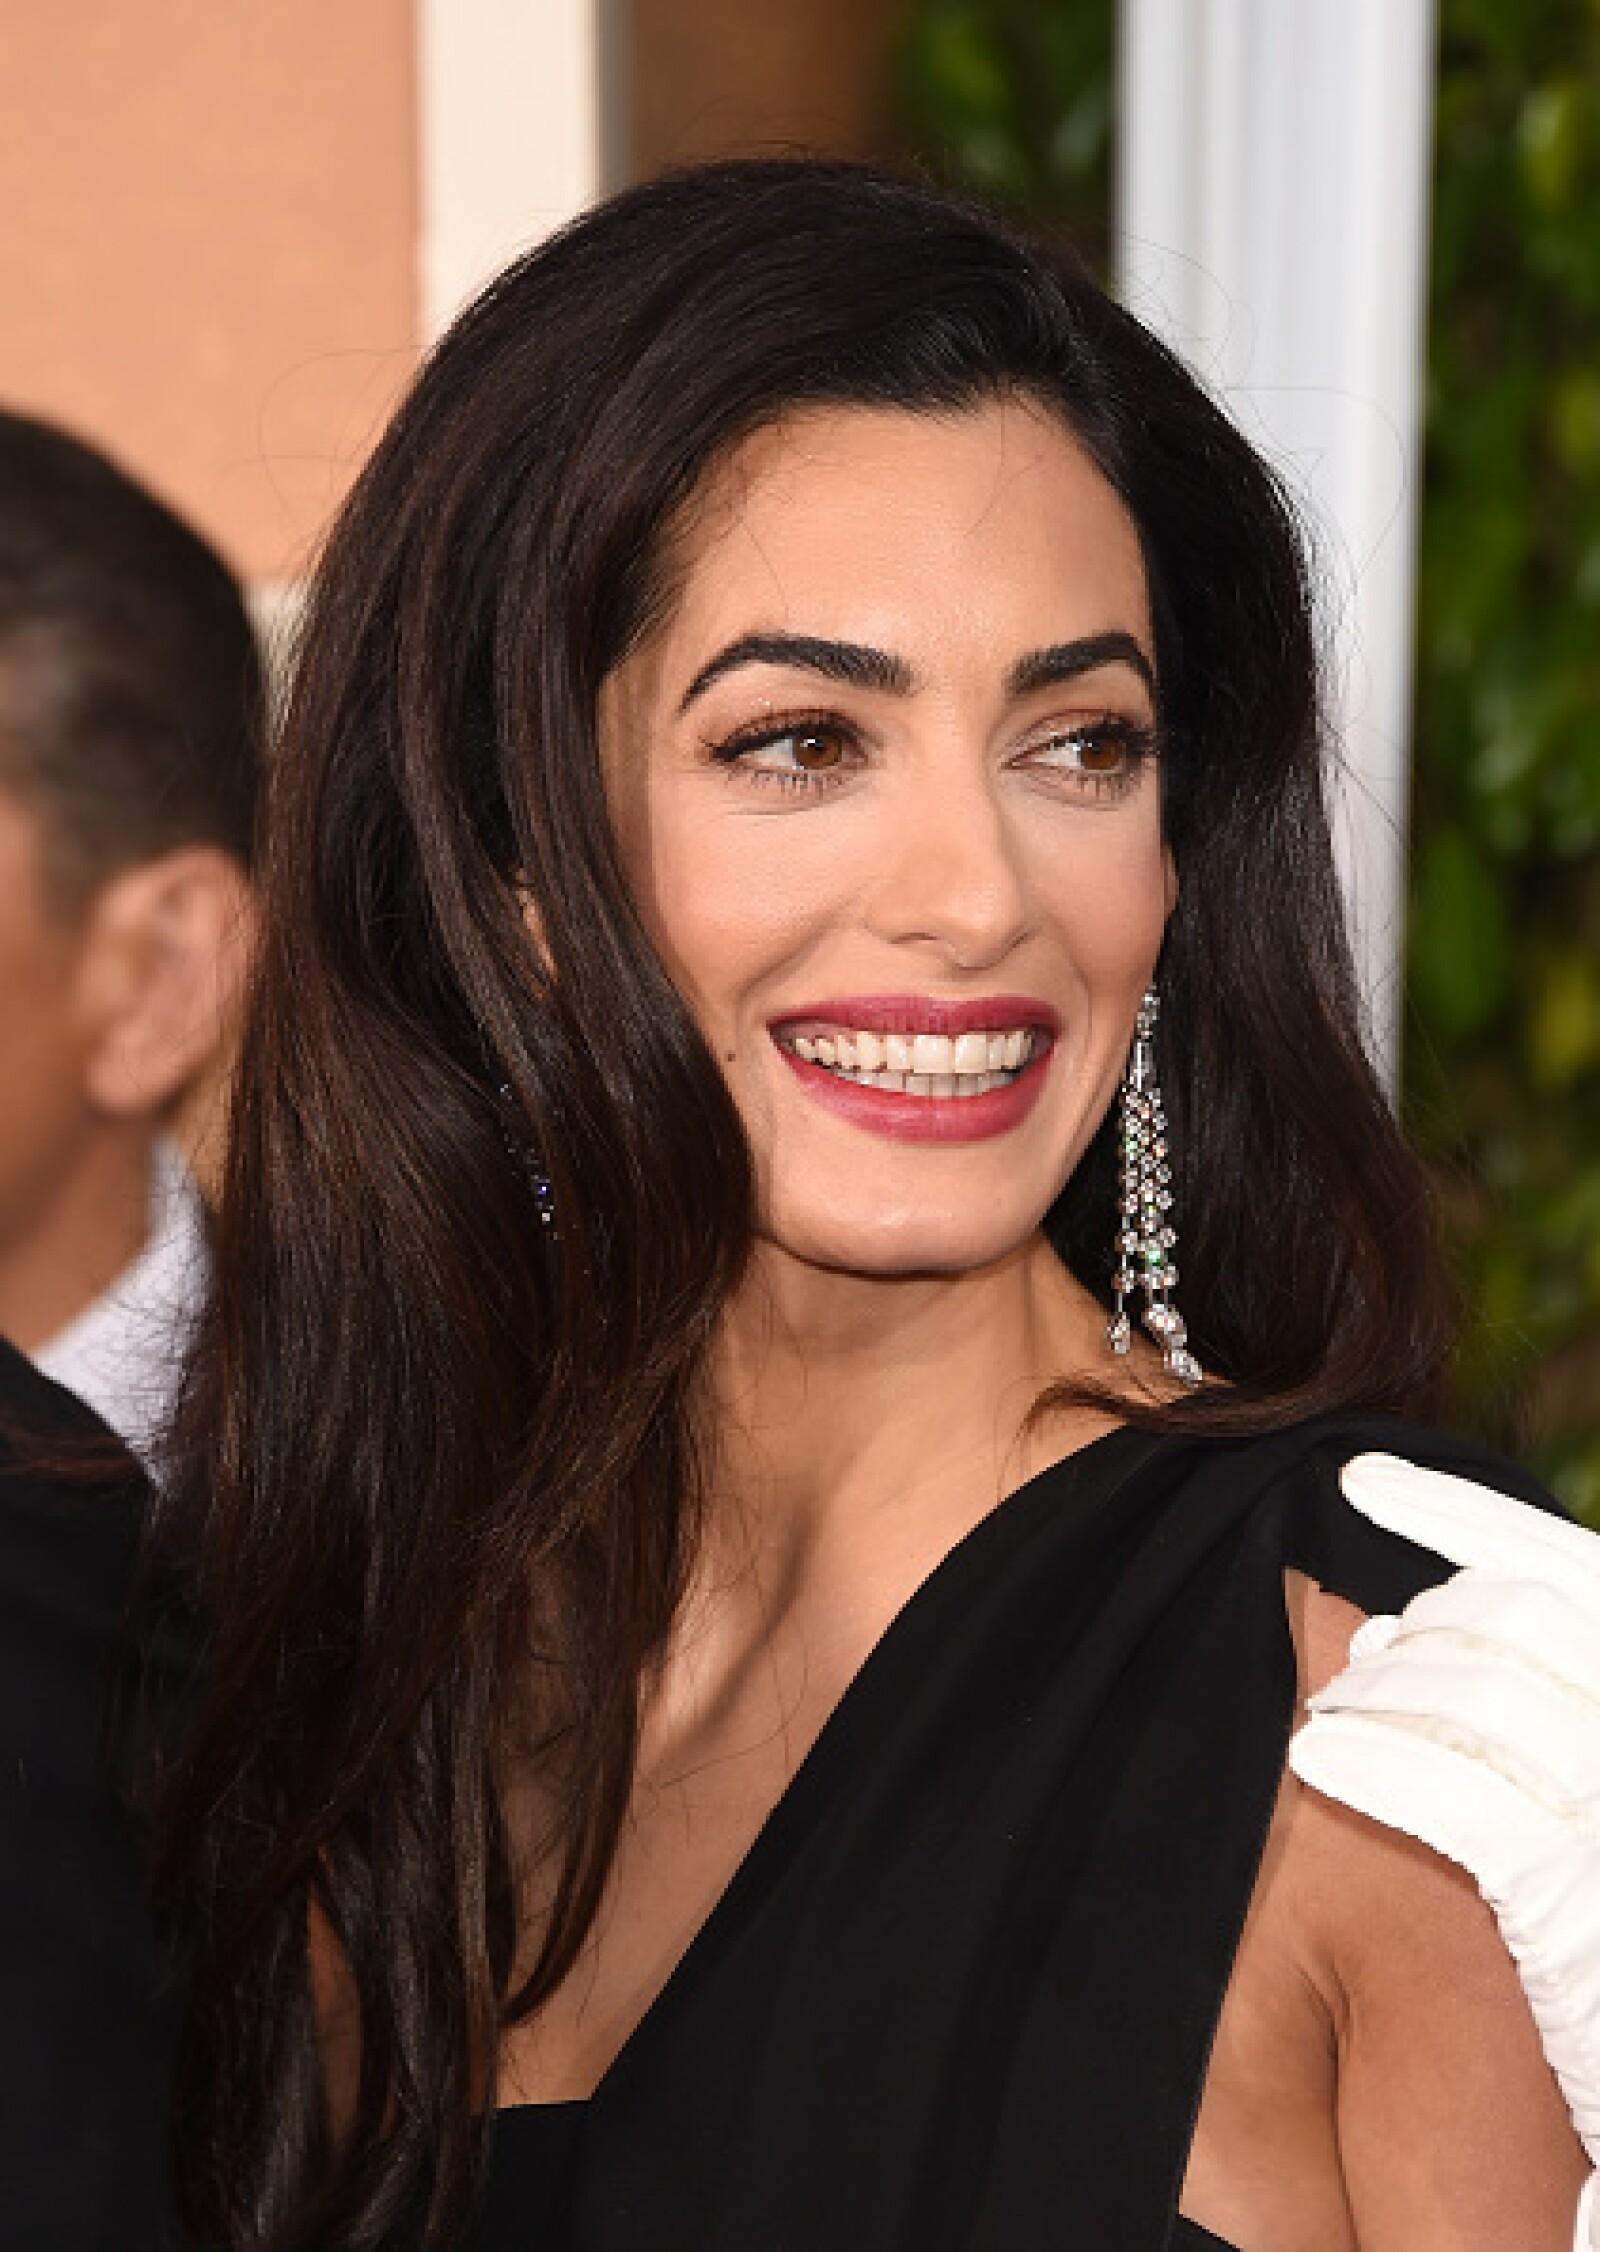 Fue mundialmente reconocida cuando se casó con George Clooney, pero Amal Clooney no es sólo la esposa de un famoso. Amal es una abogada en derechos humanos, altamente inteligente, llena de glamour, estilo y talento.